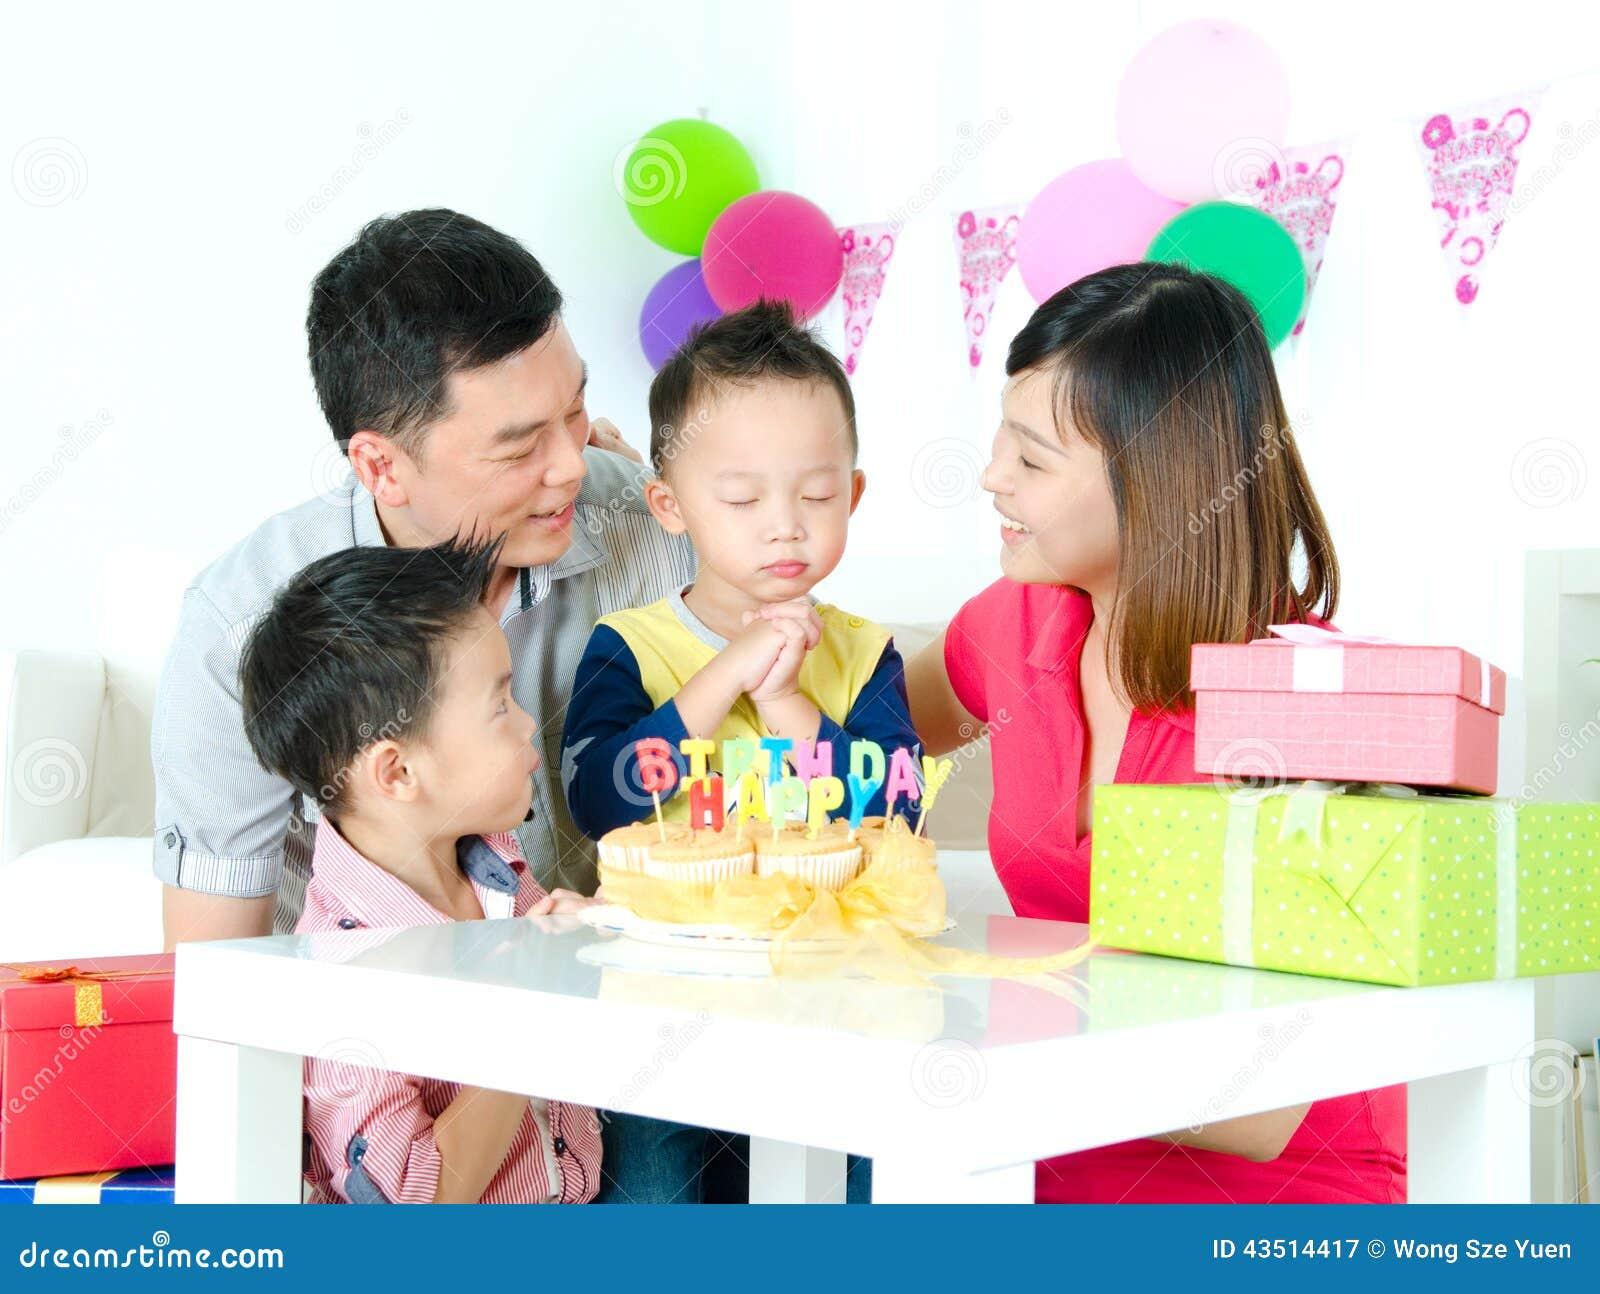 Make A Wish Stock Image Image Of Family Celebrating